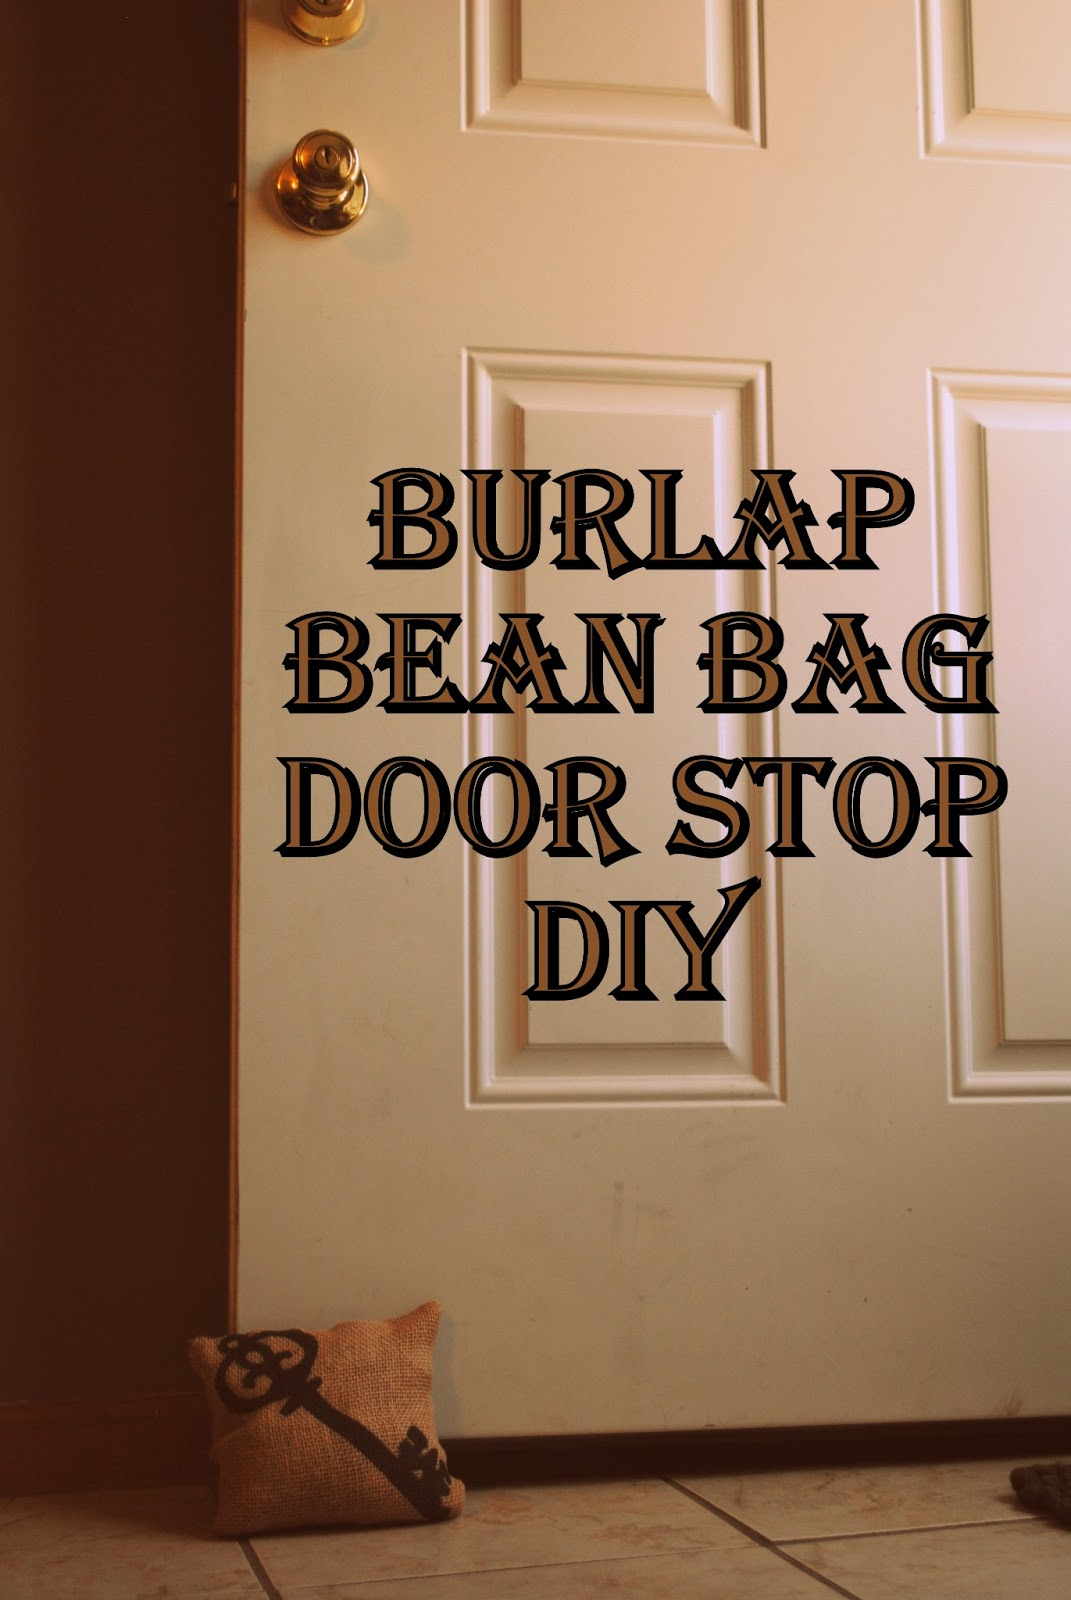 Burlap Bean Bag Door Stop Tutorial. My Door Was Driving Me Crazy.